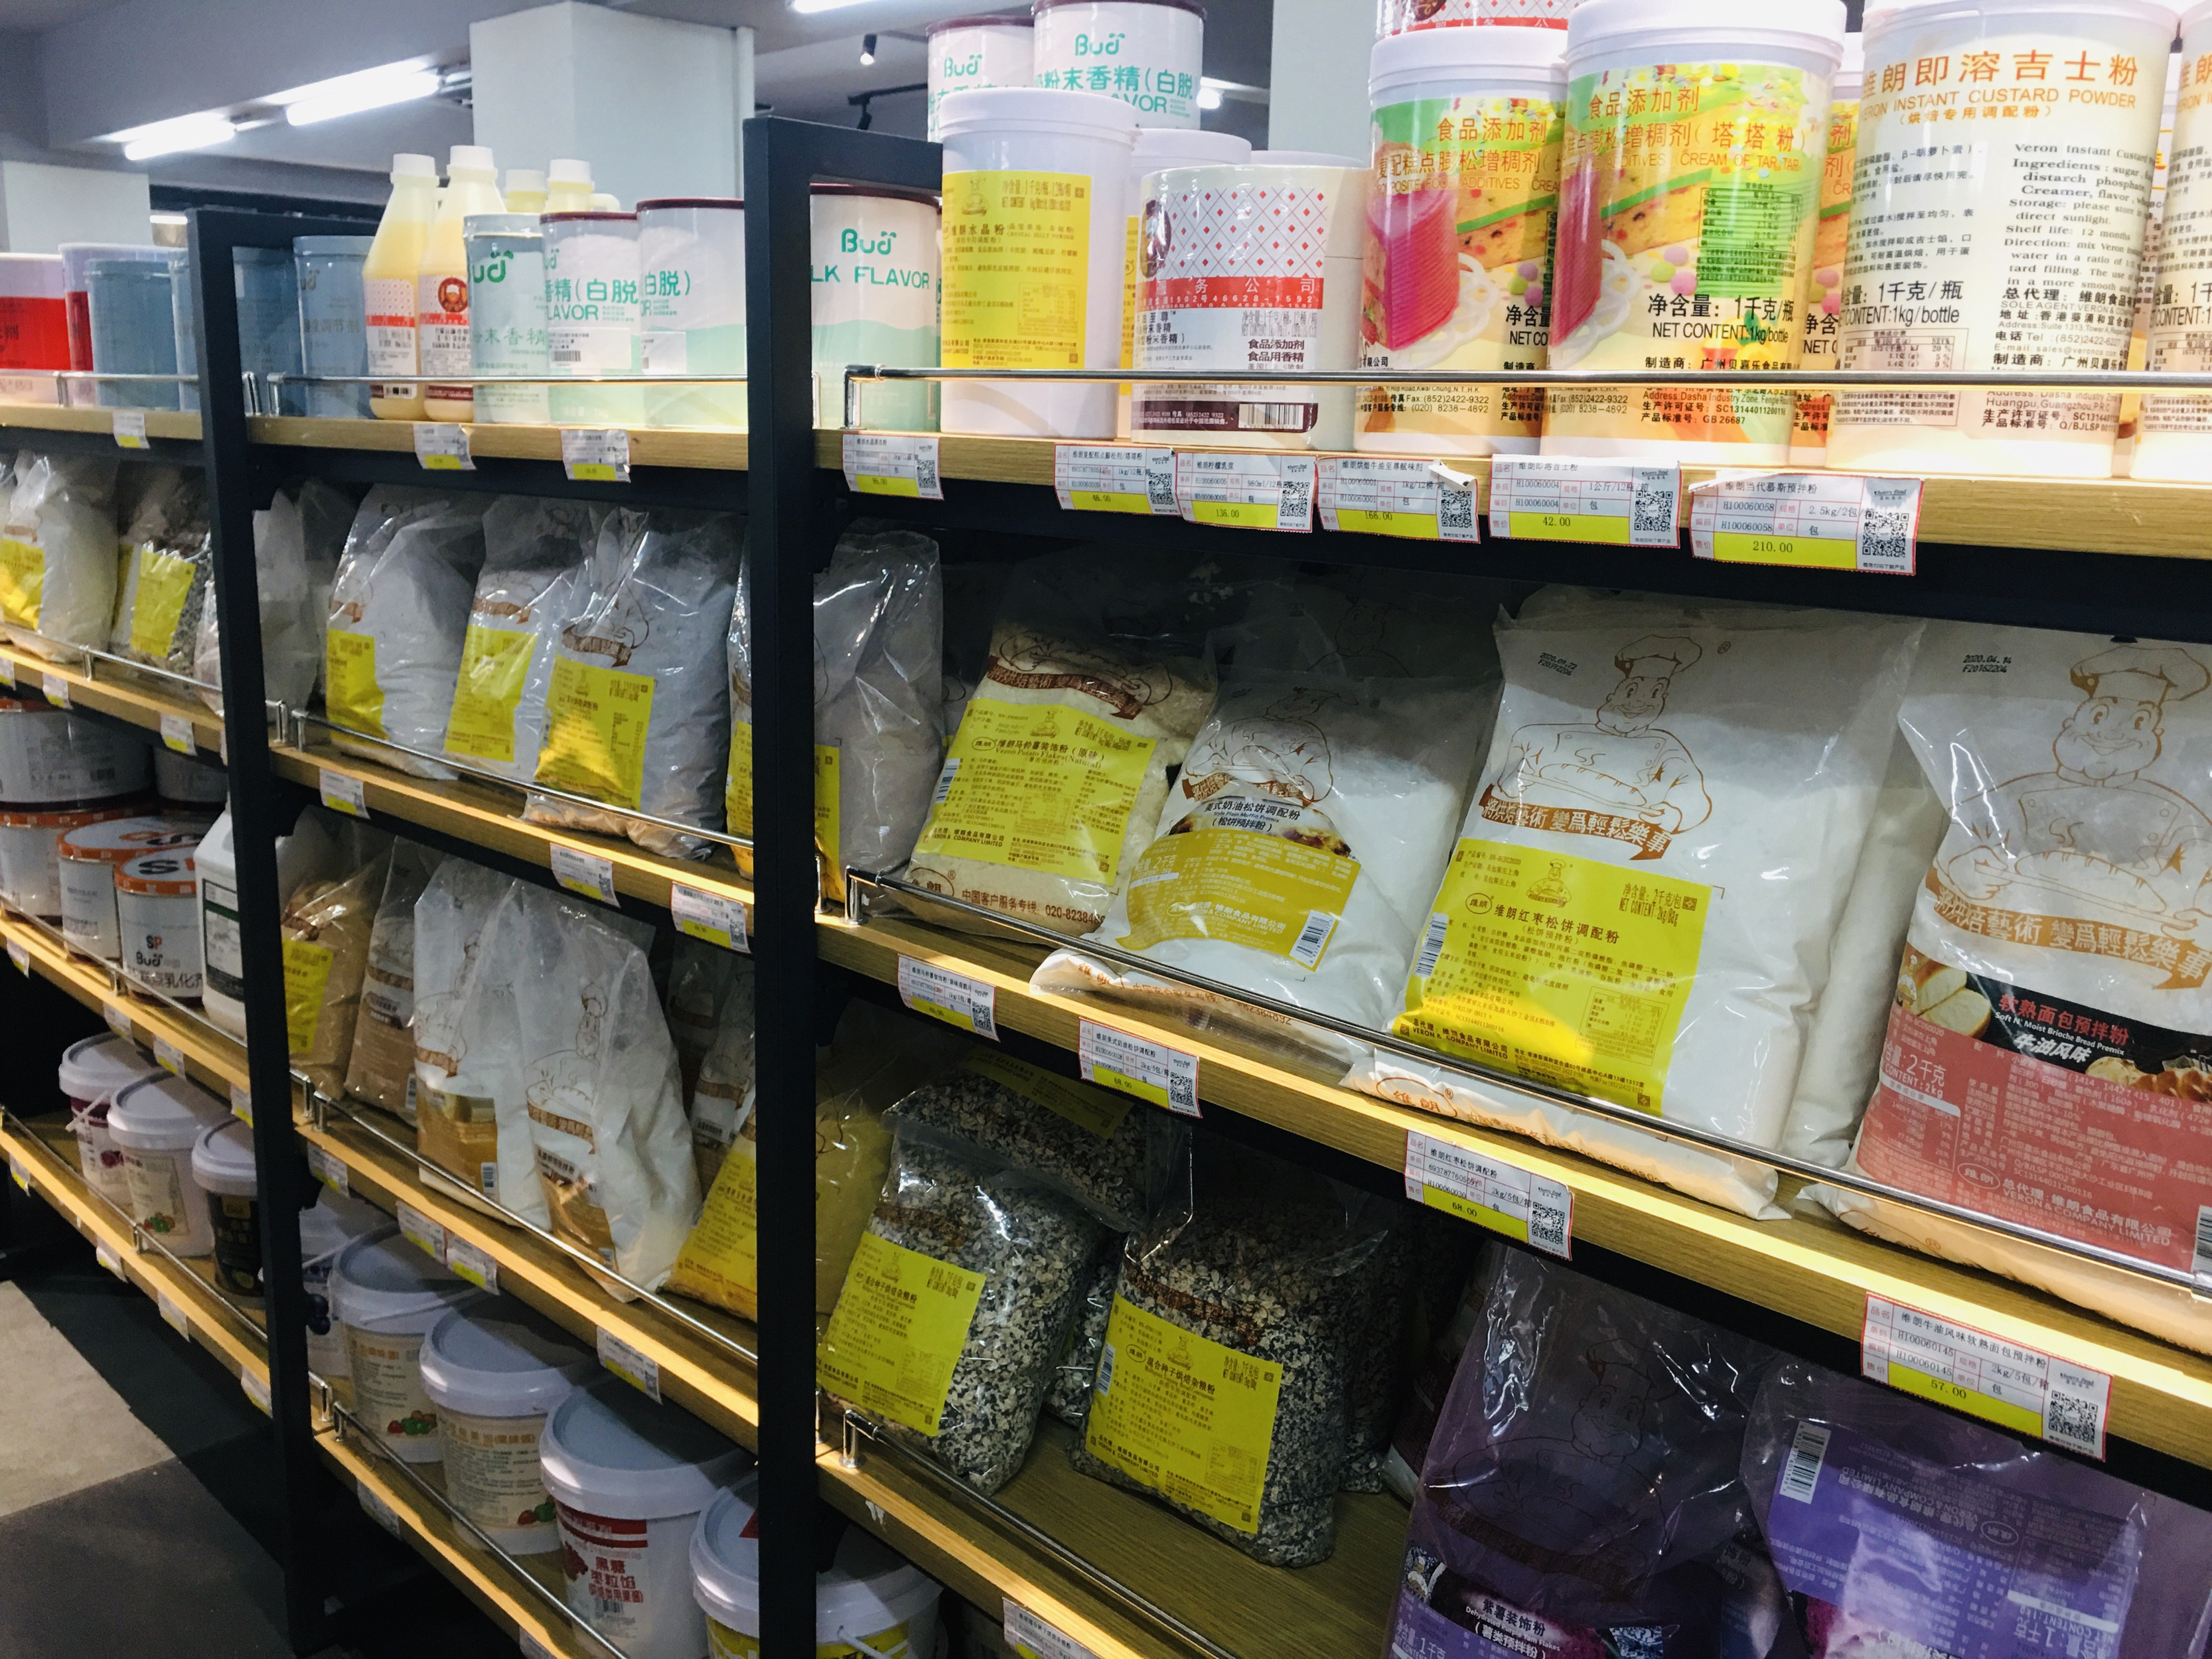 夏蕙烘焙超市